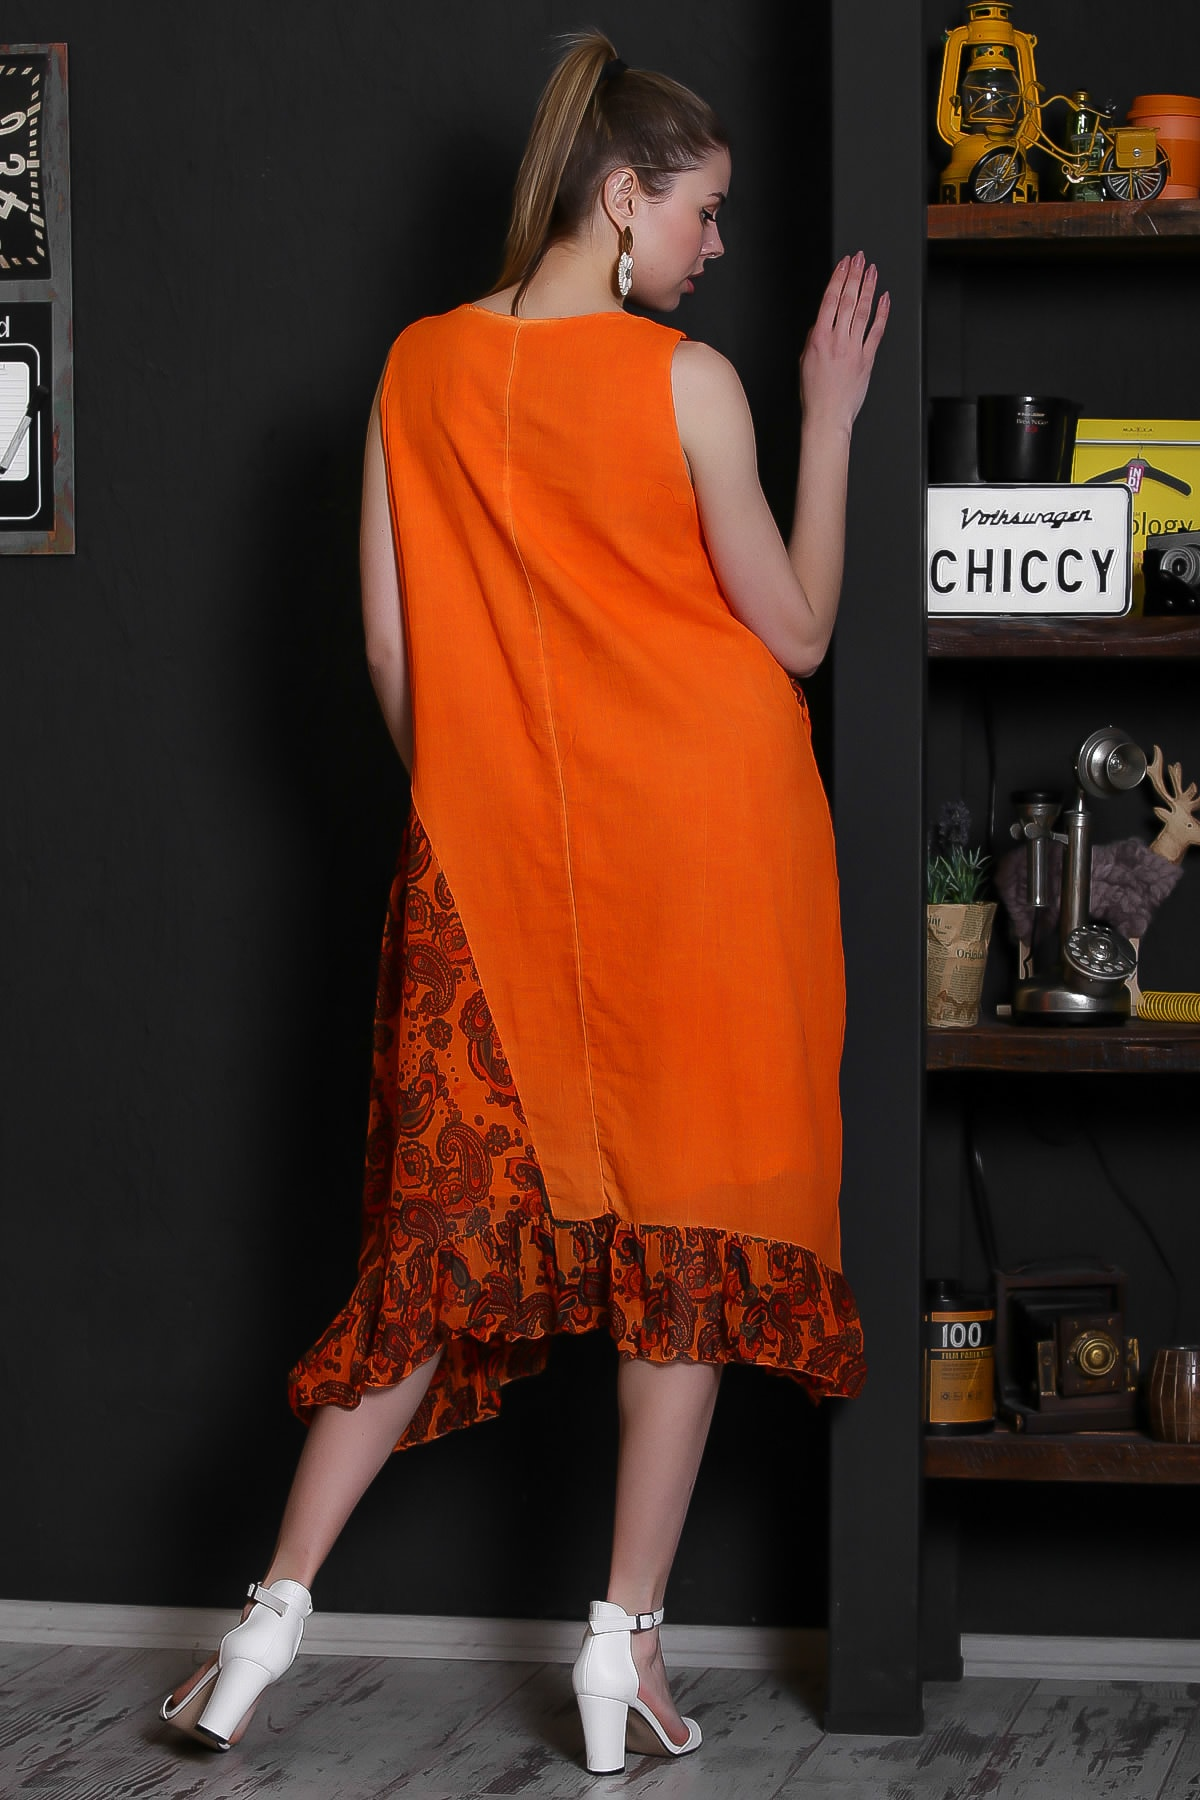 Chiccy Kadın Turuncu V Yaka Kolsuz Şal Desenli Tülbent Detaylı Kopenakili Astarlı Elbise M10160000EL95319 4